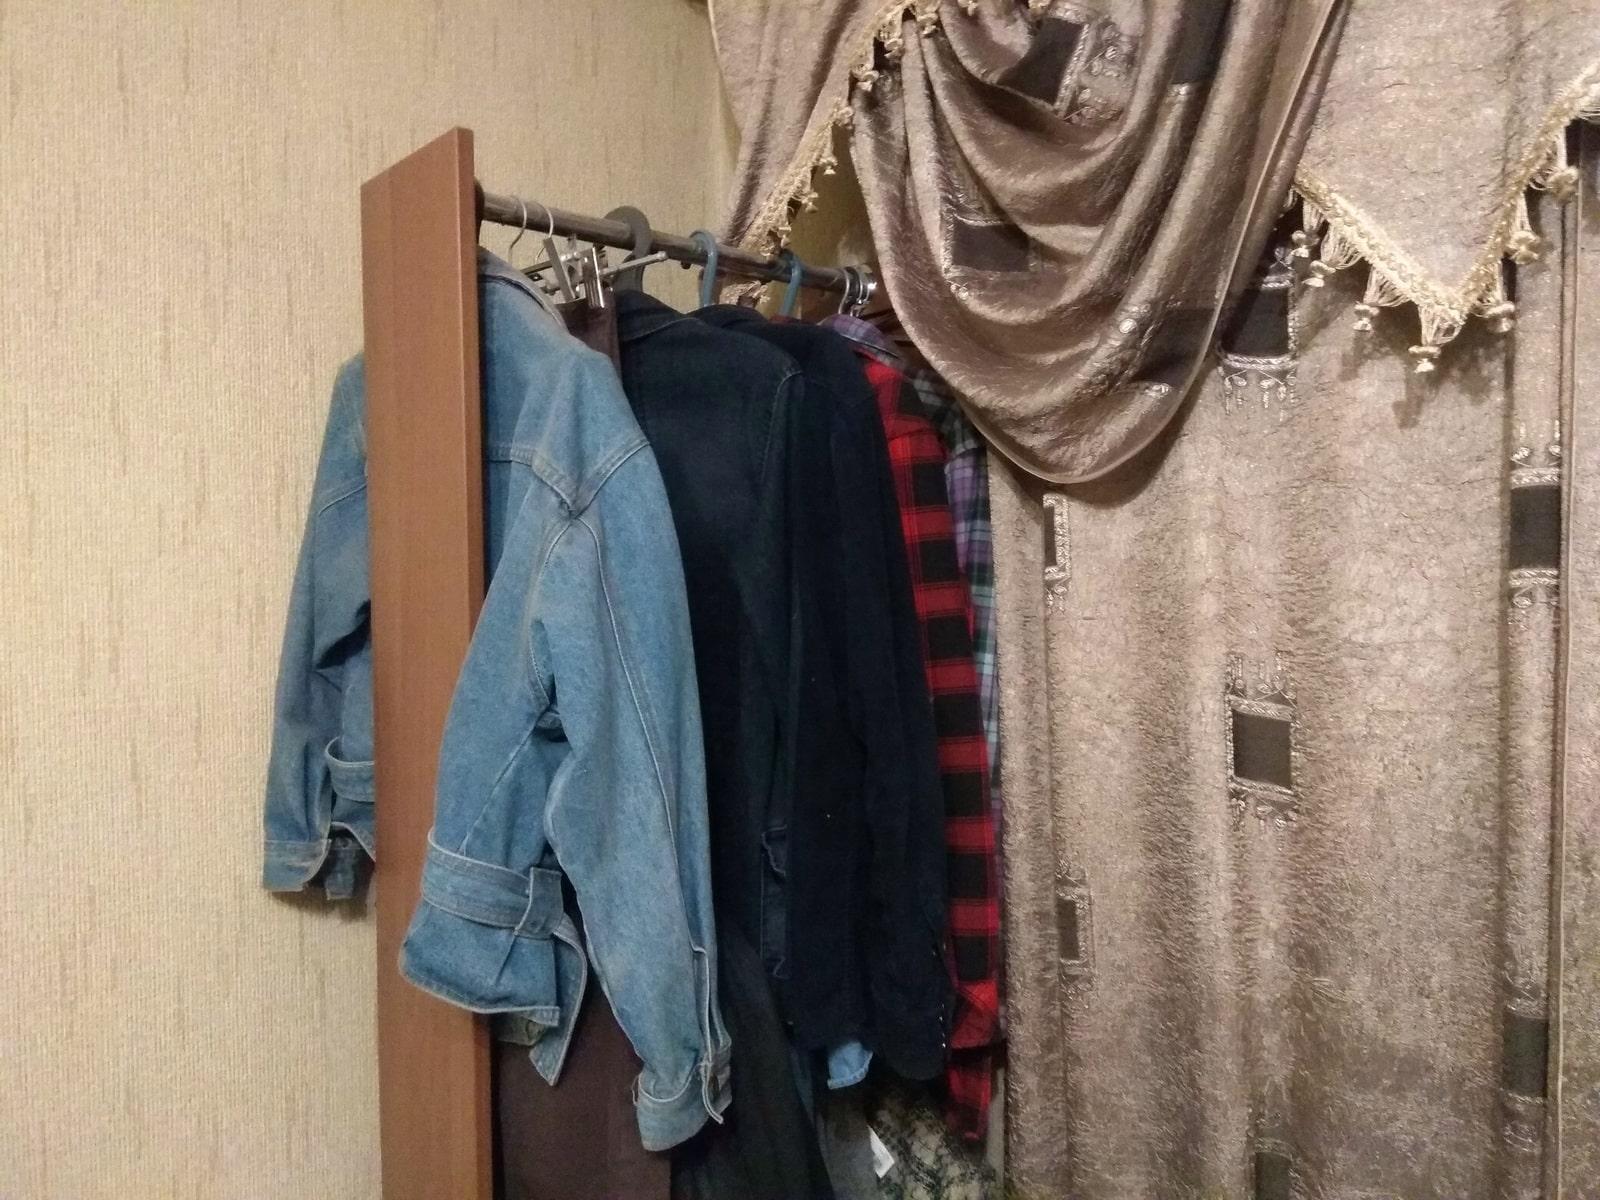 размещение одежды, которую носят сейчас